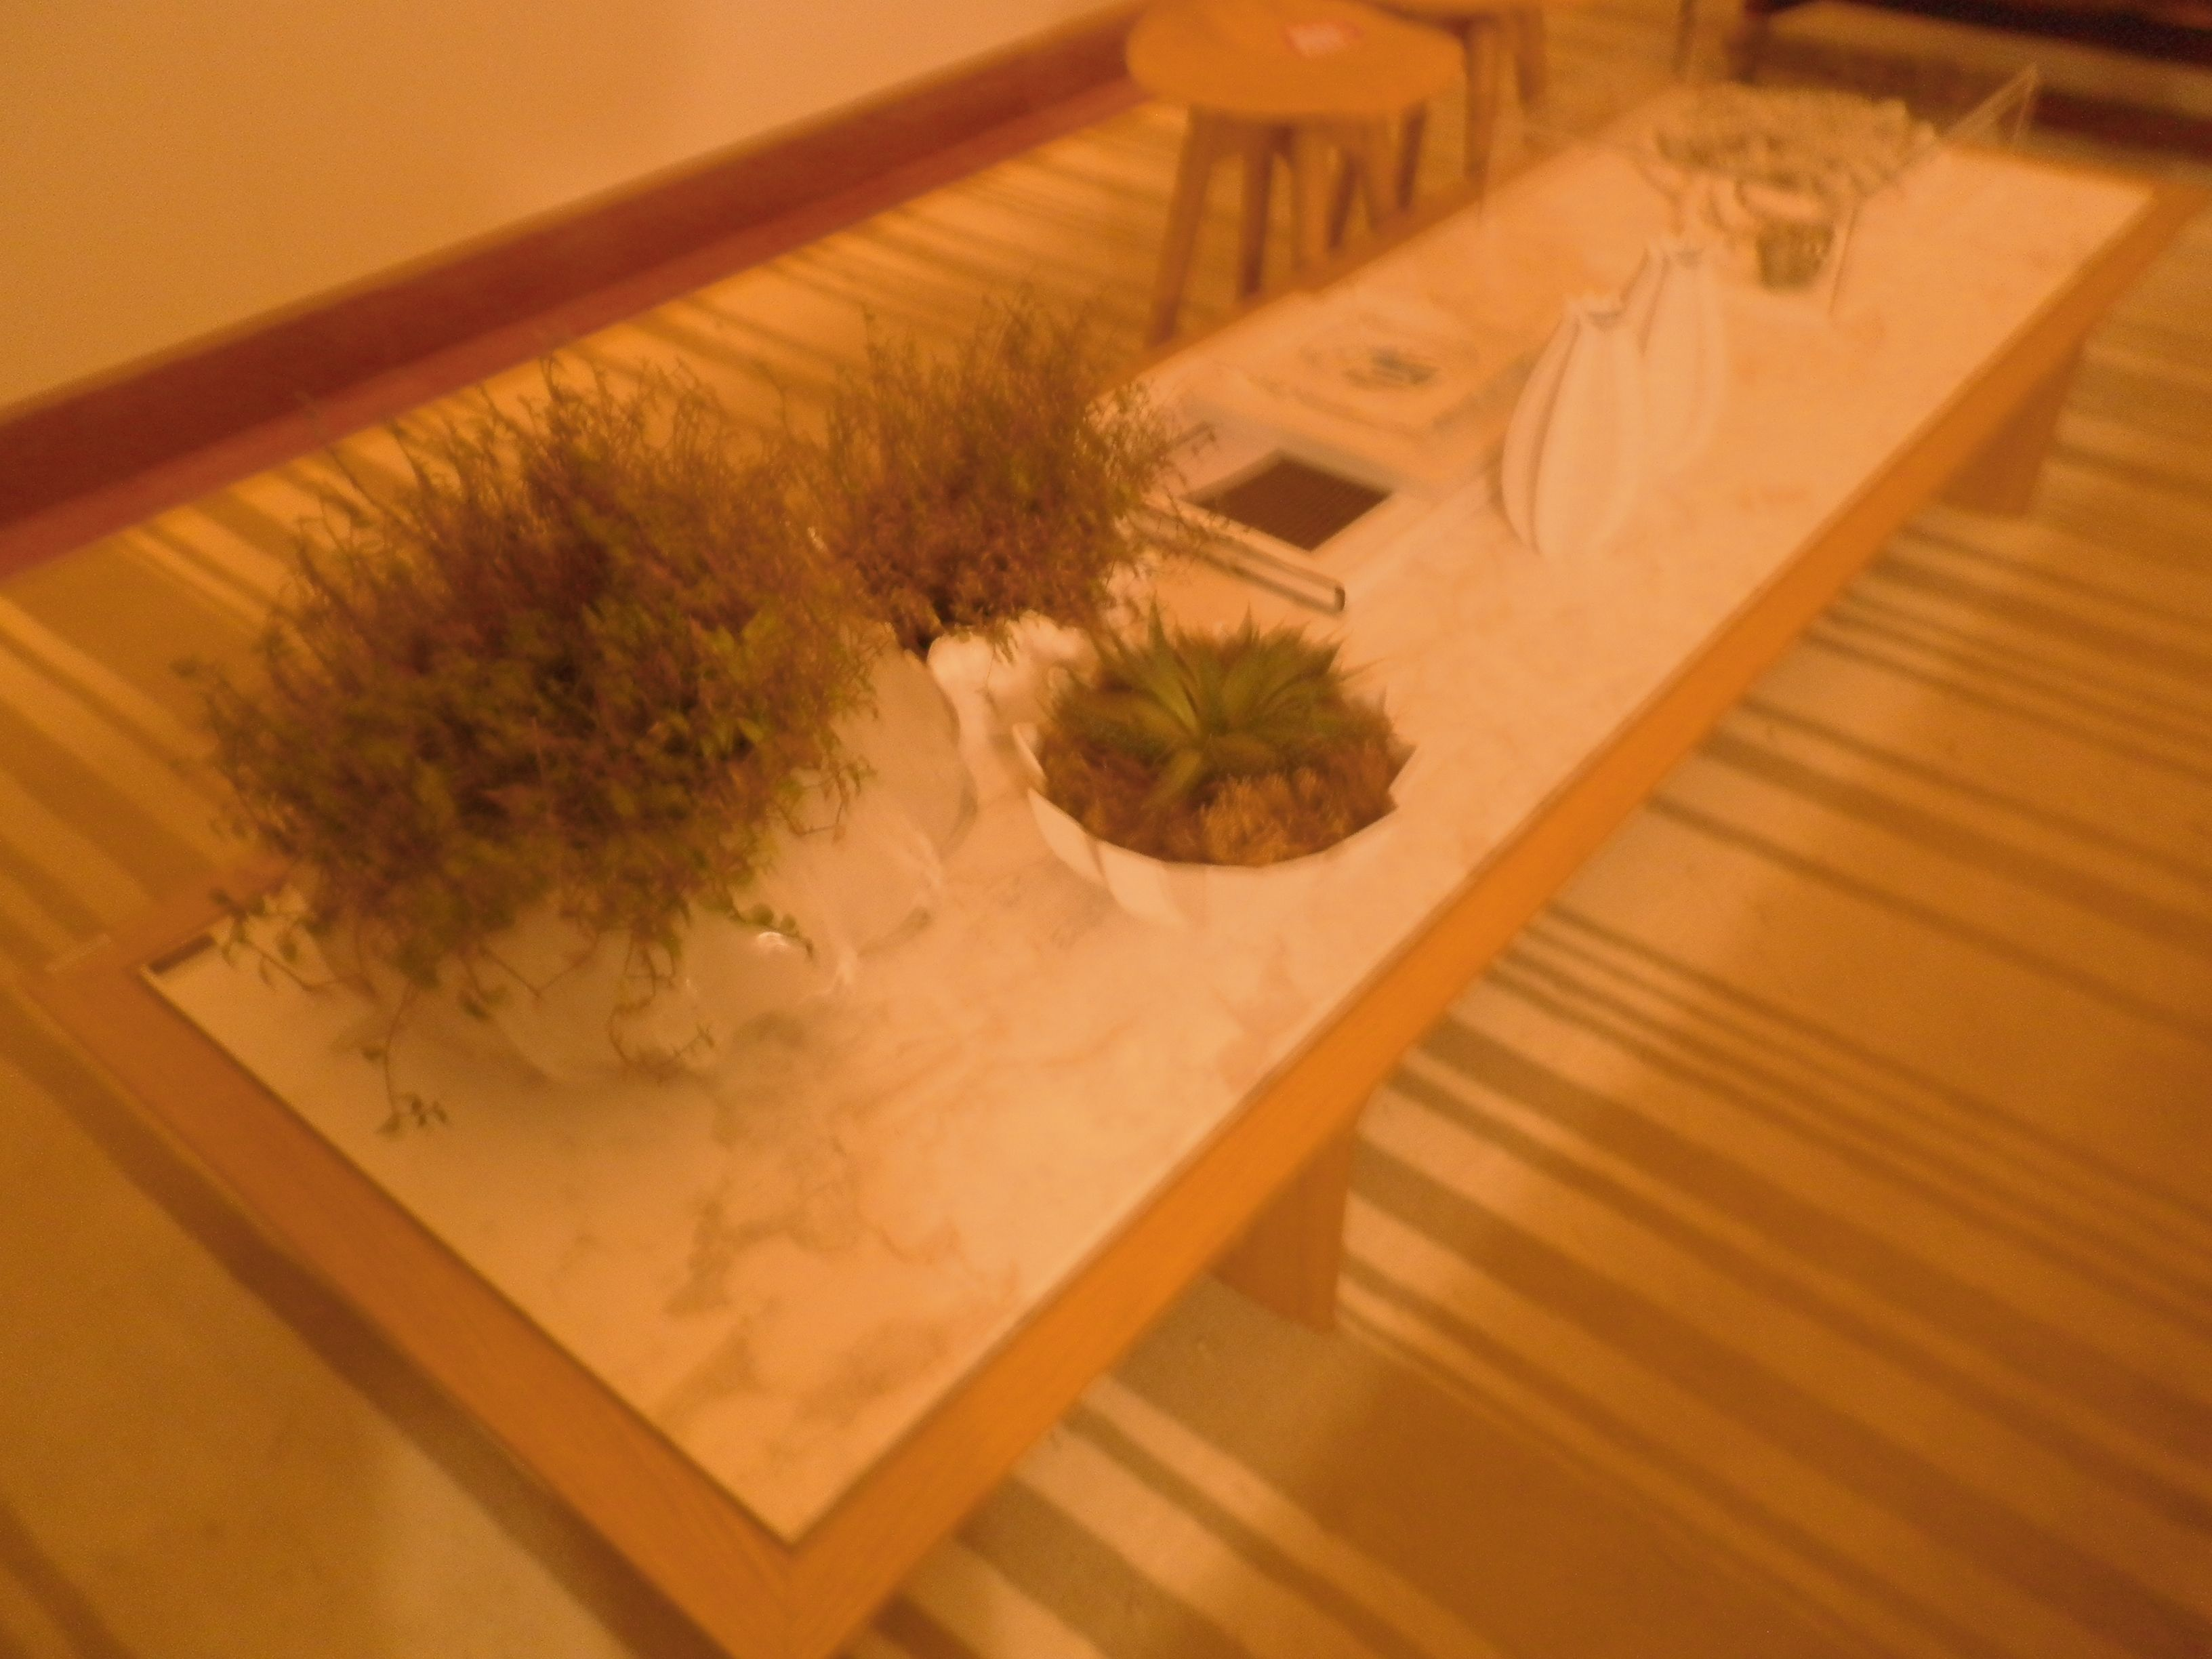 Home Theater. Arquitetos Gabriel Magalhães e Luiz Cláudio Souza. A mesa de centro Bizet Stone, de Jader Almeida, possui tampo em mármore branco Sunny White. No chão, um imenso tapete geométrico da Belluchi.